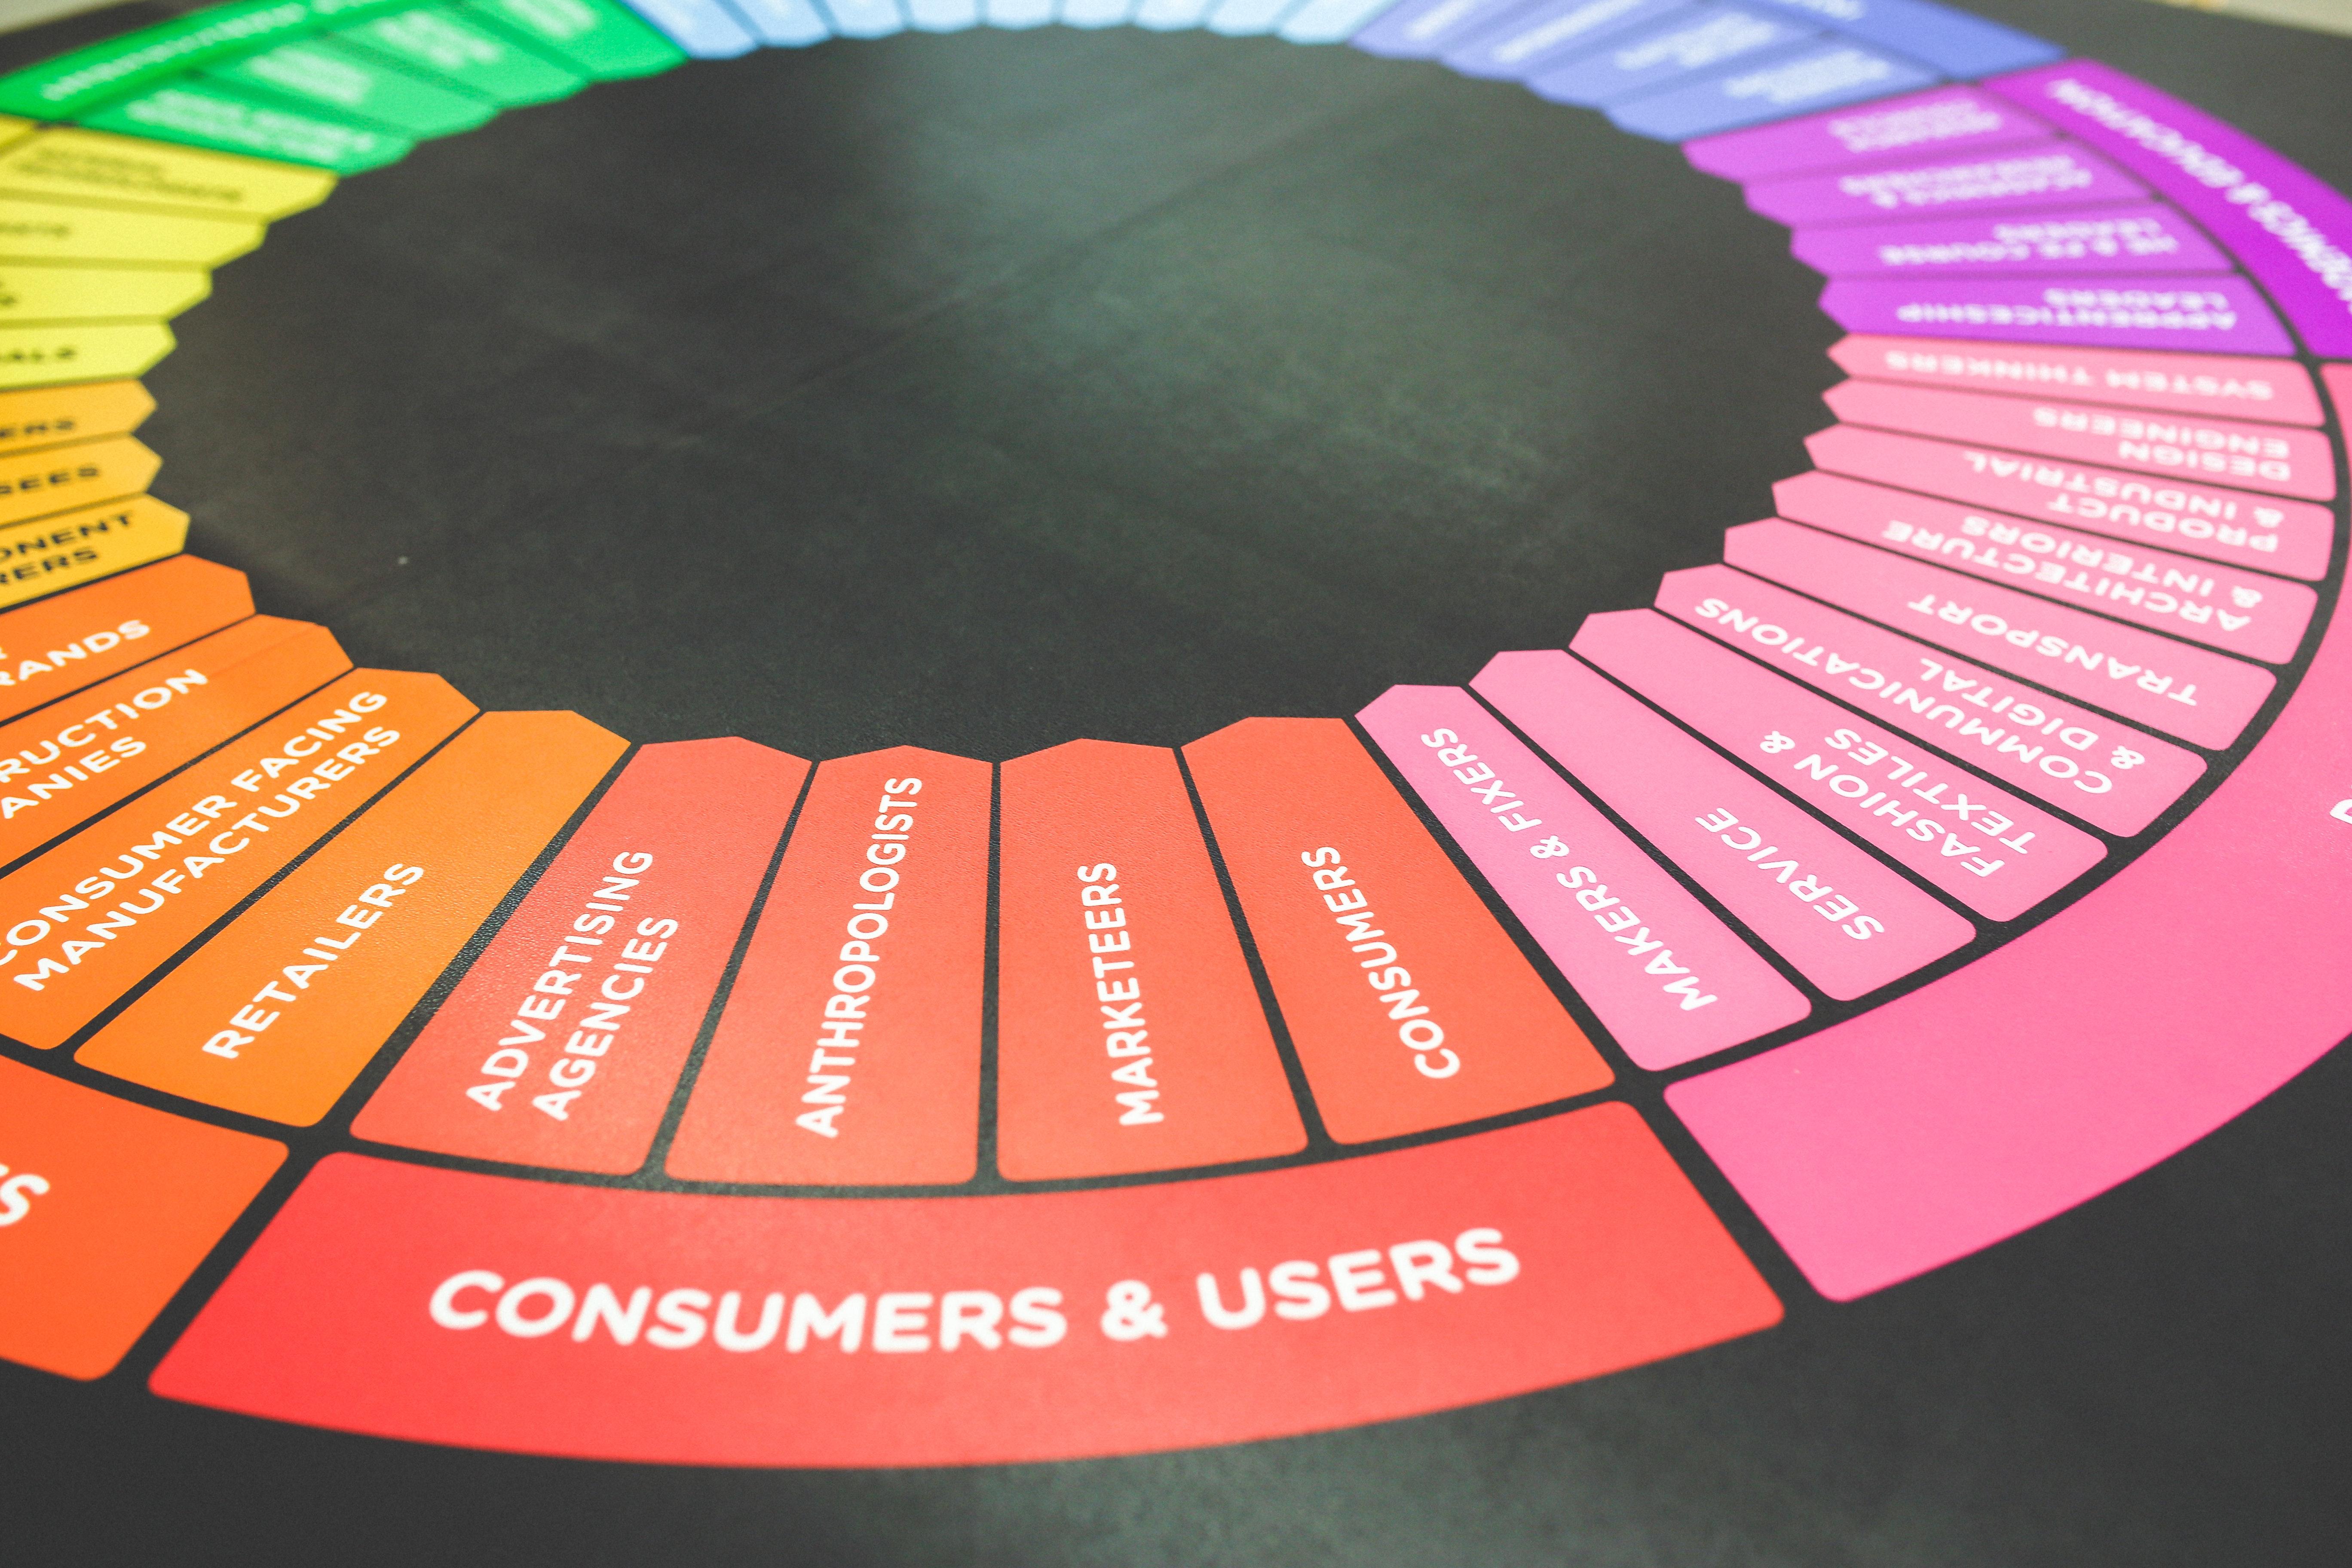 customers-users-color-wheel-6231.jpg